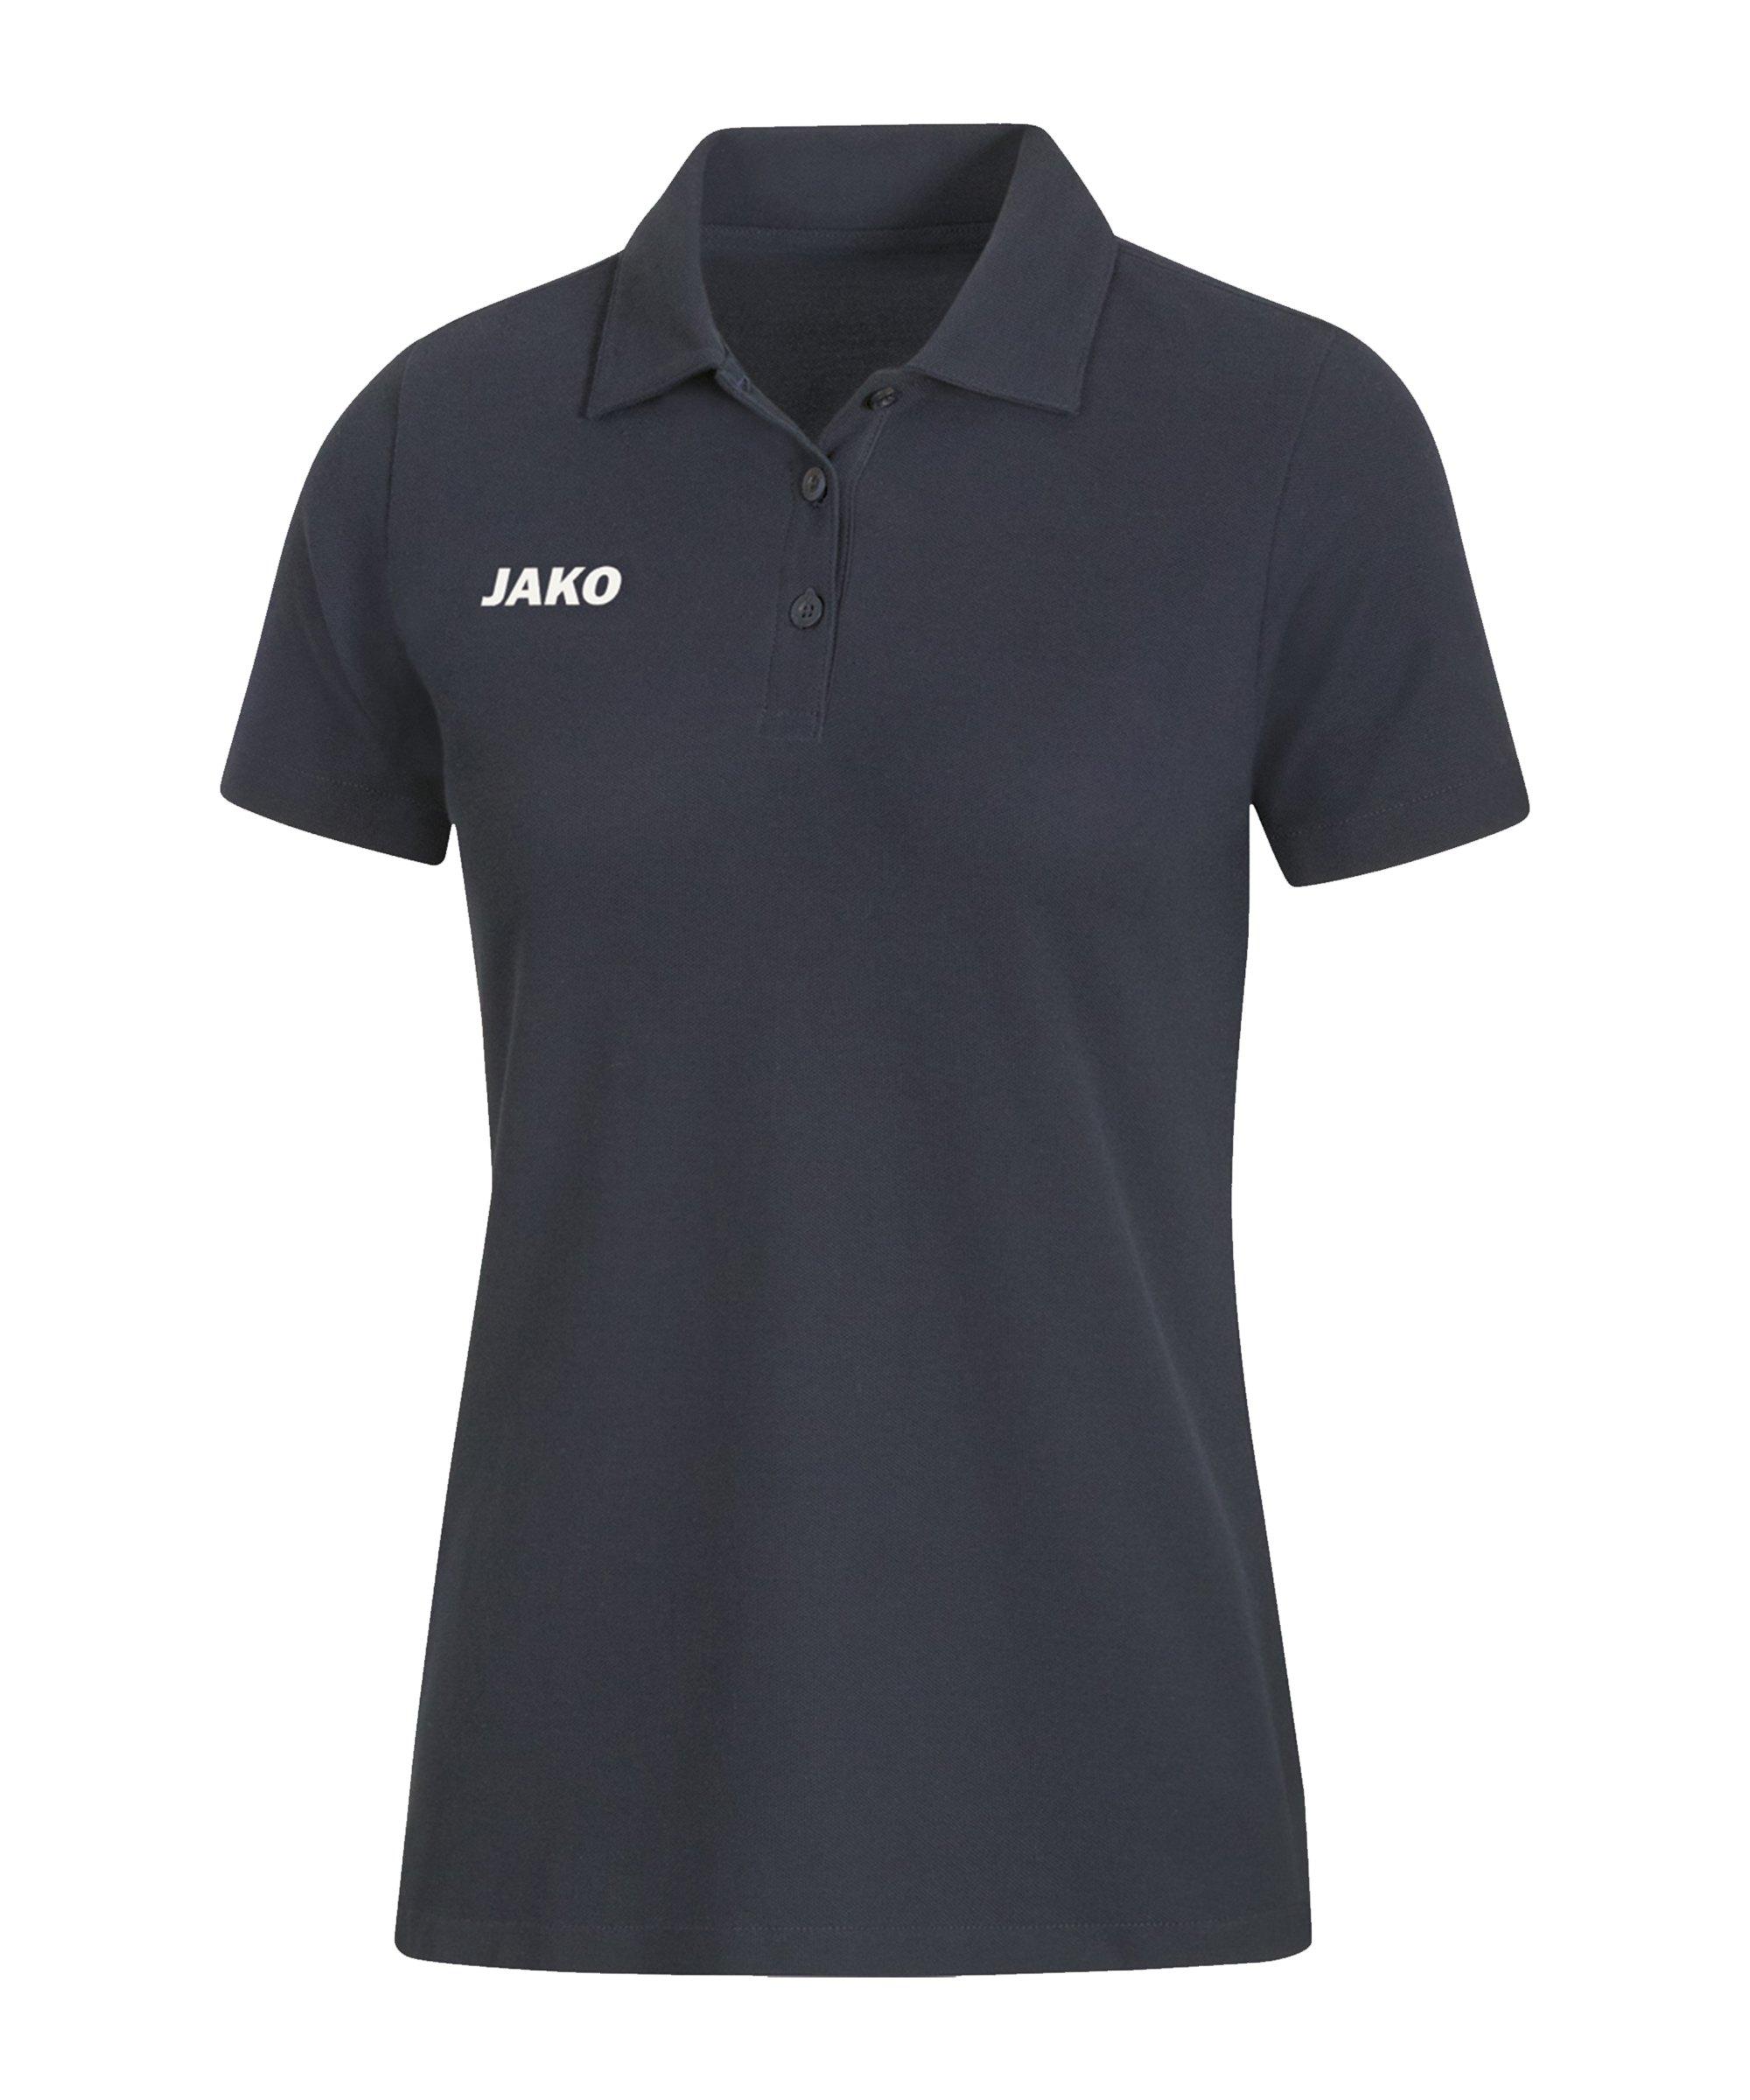 JAKO Base Poloshirt Damen Grau F21 - grau